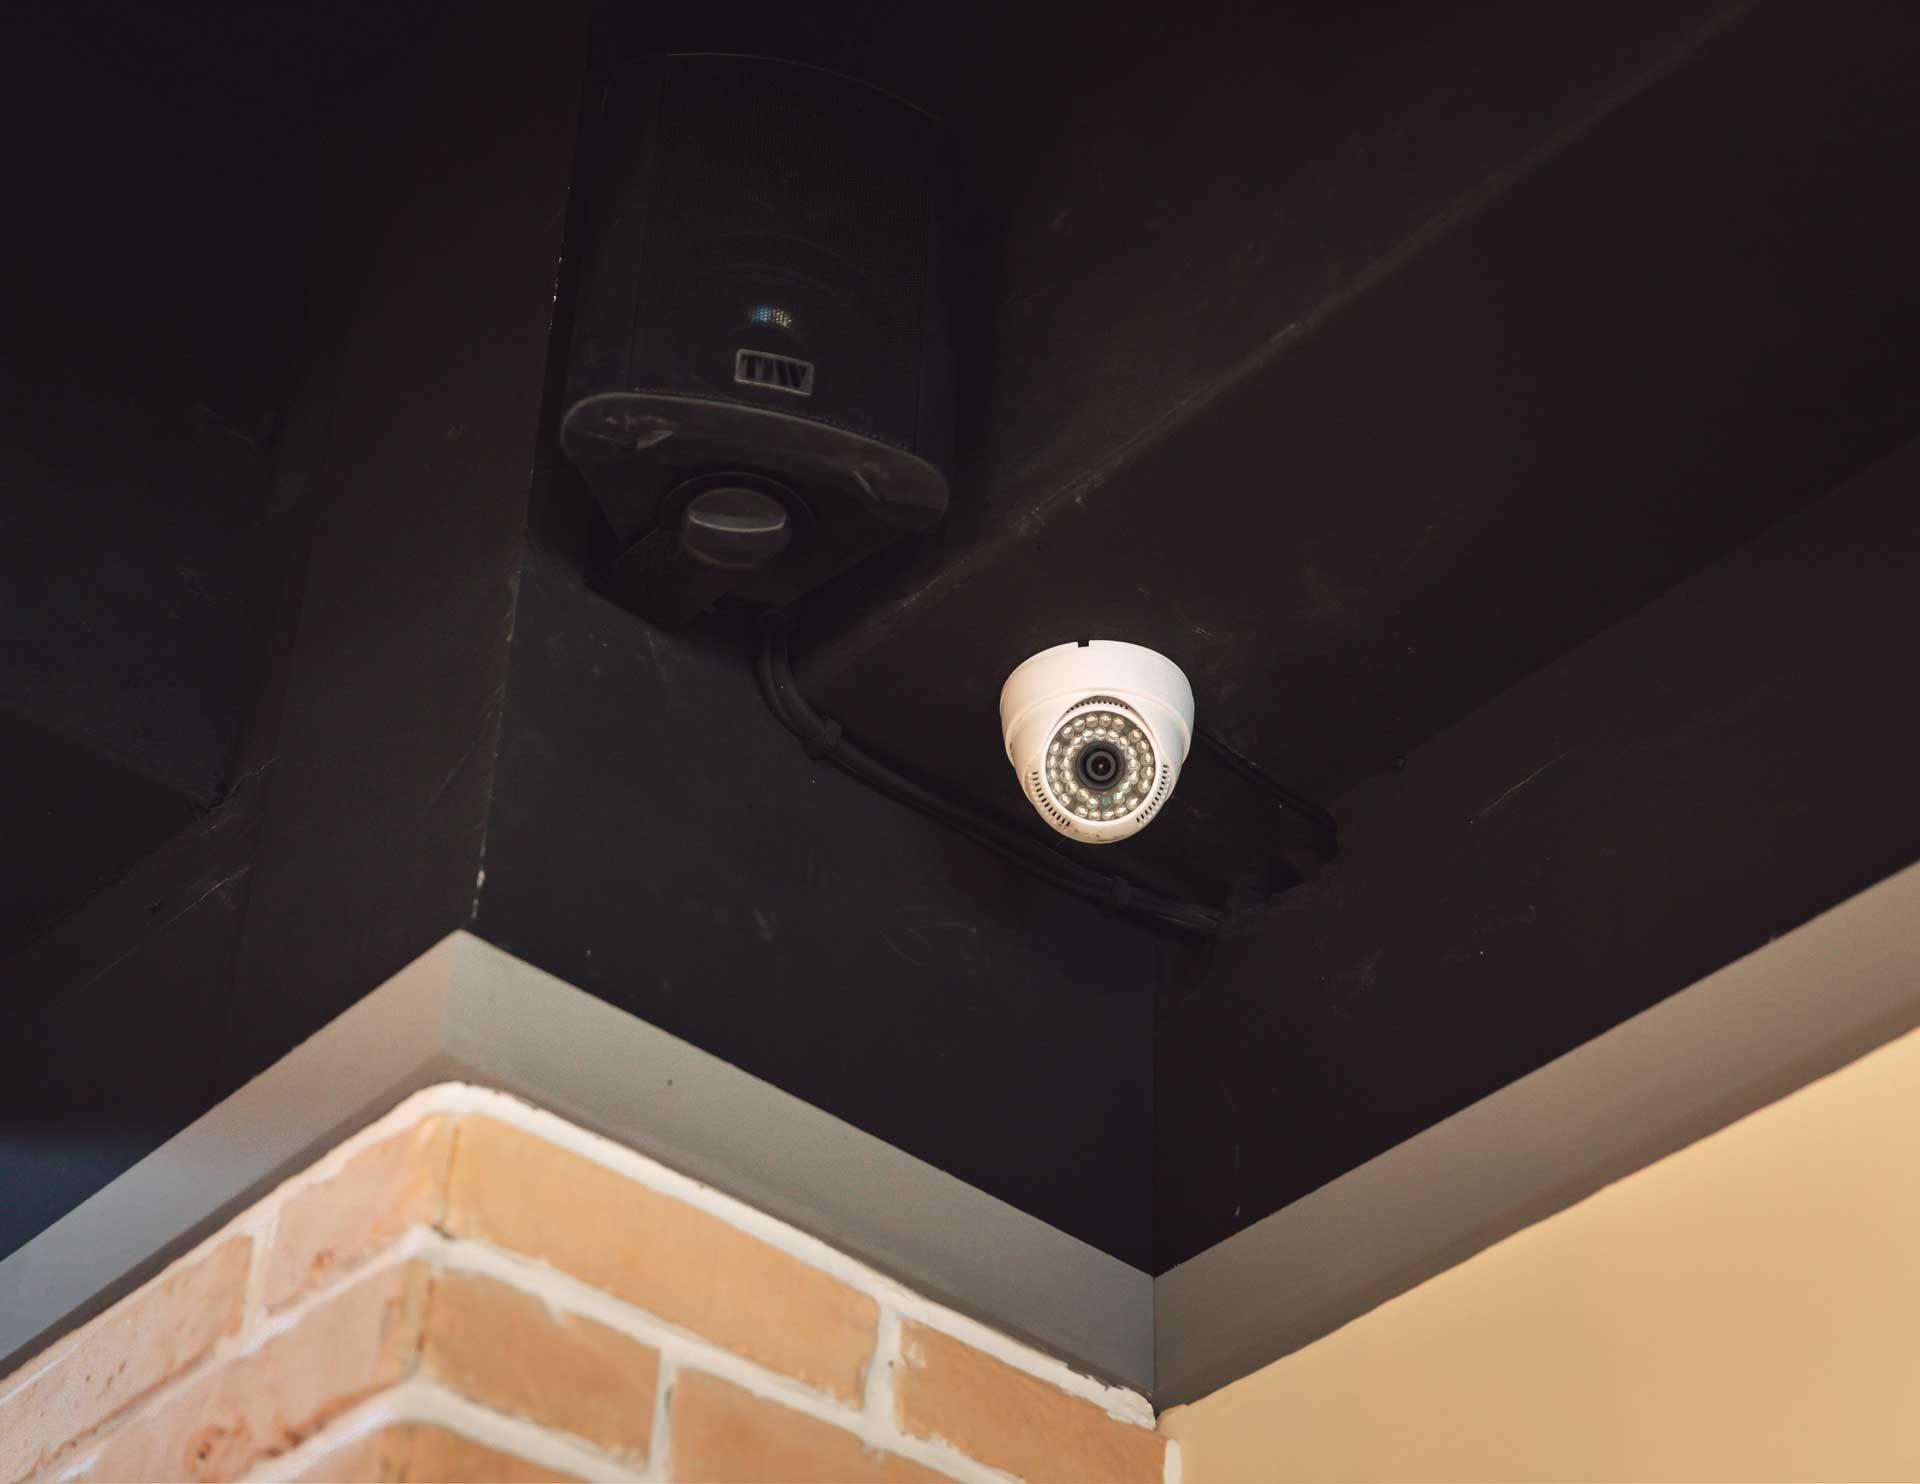 店內採用的紅外線監視器,具備夜視功能